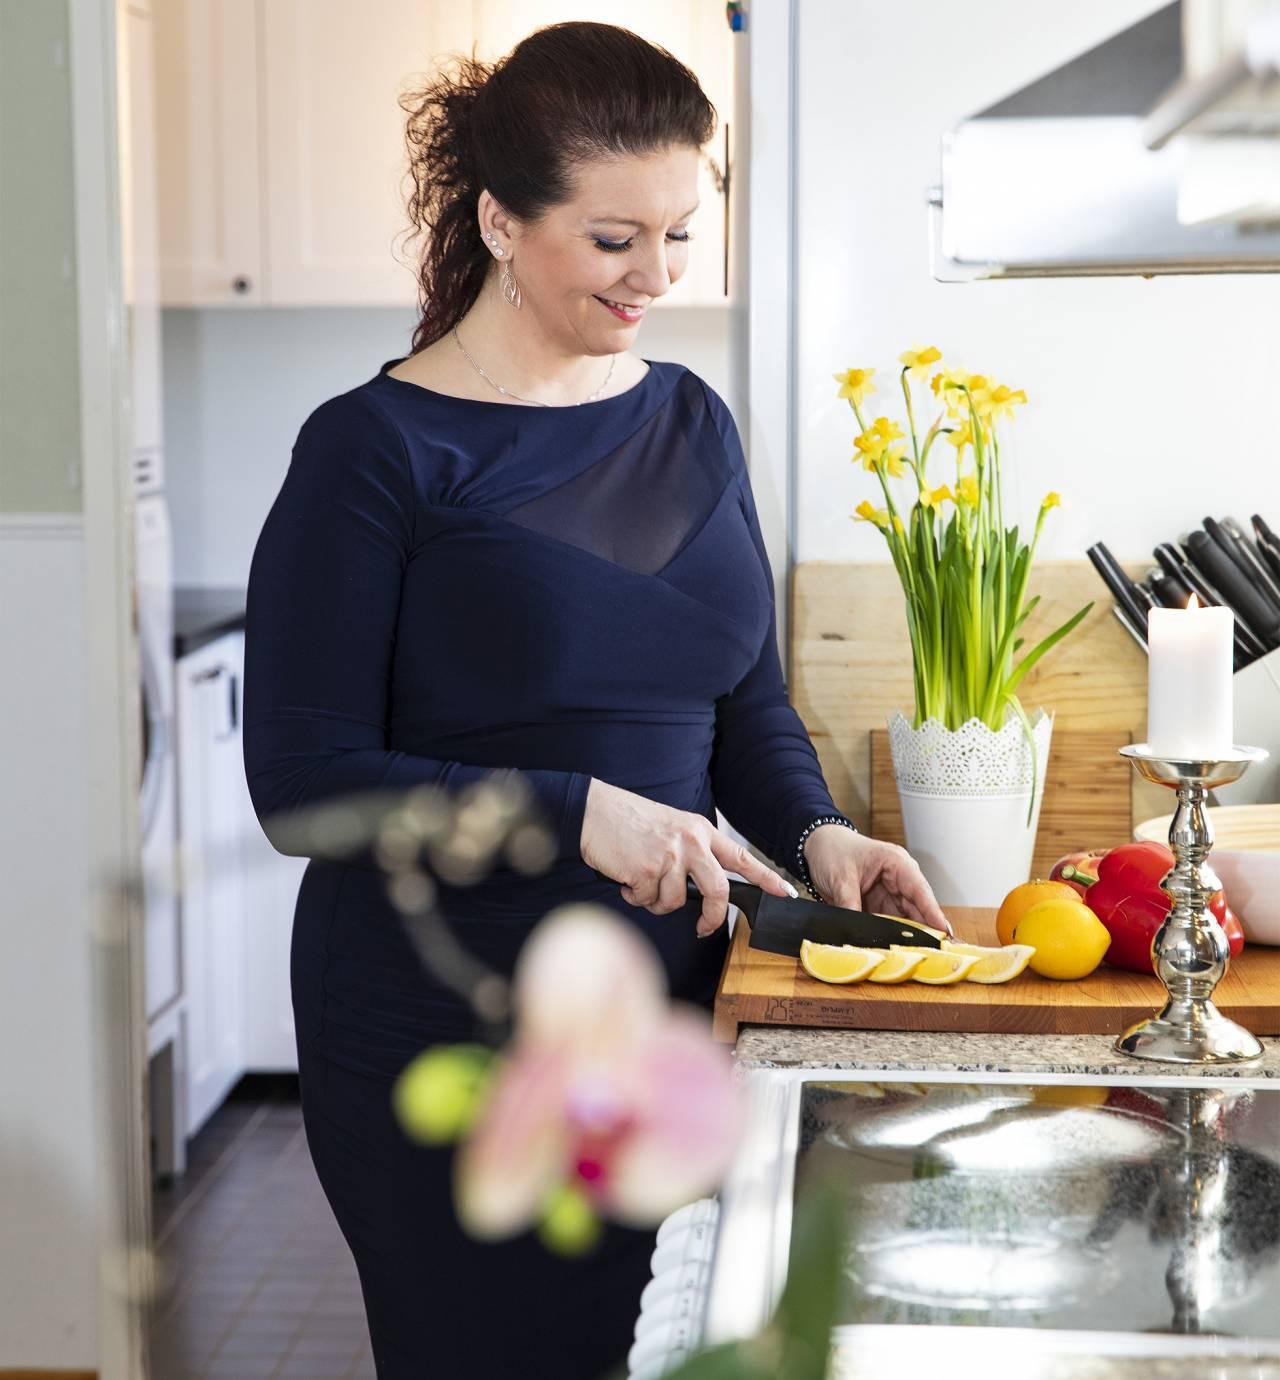 Eva-Lotta Ryd har fått ett nytt liv med antiinflammatorisk kost. Här lagar hon mat i sitt kök.